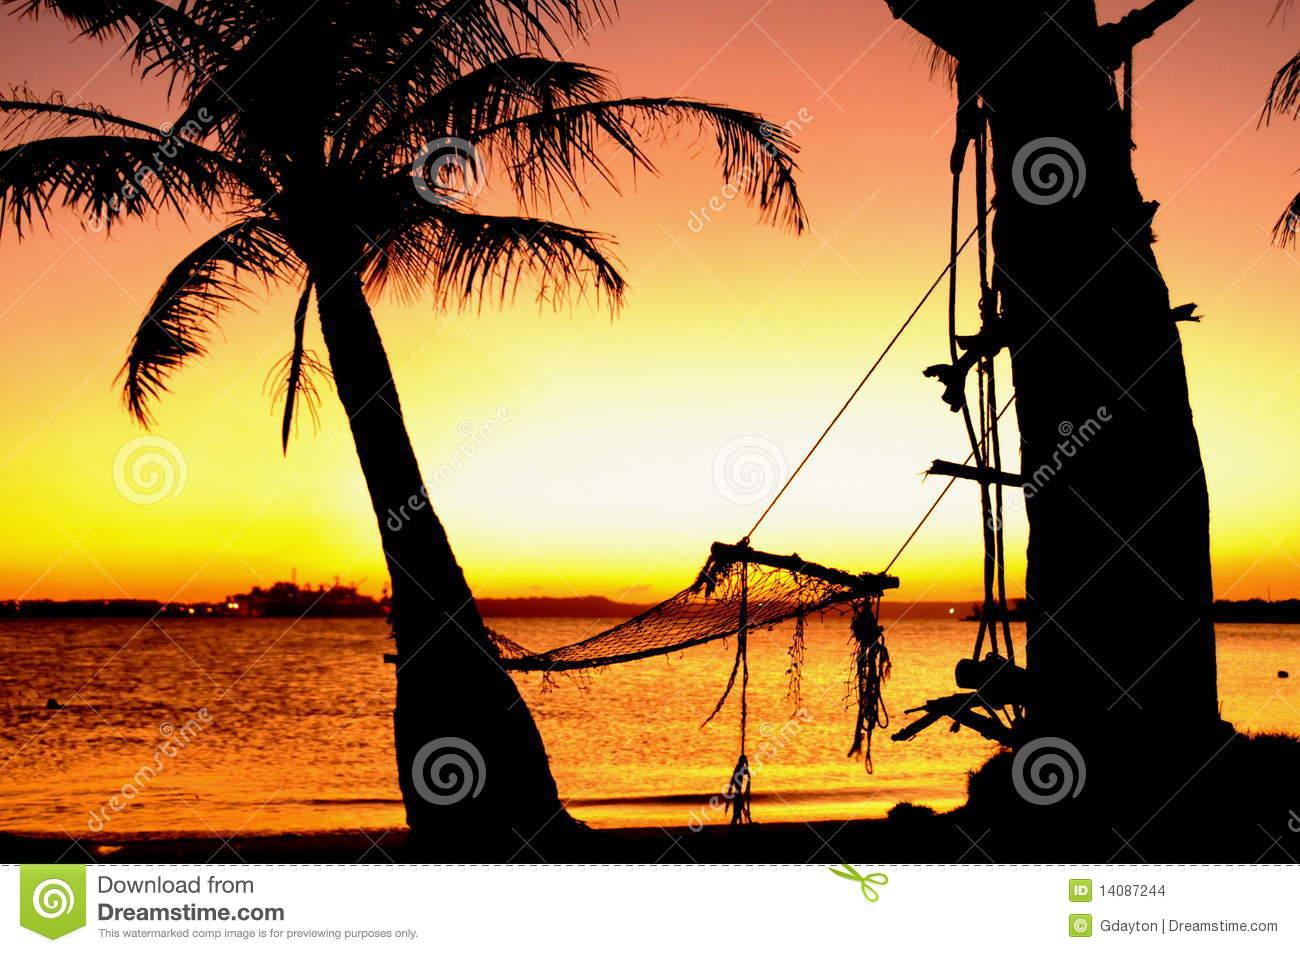 beach hammock sunset beach hammock beach sunset tropical beaches 1300x953